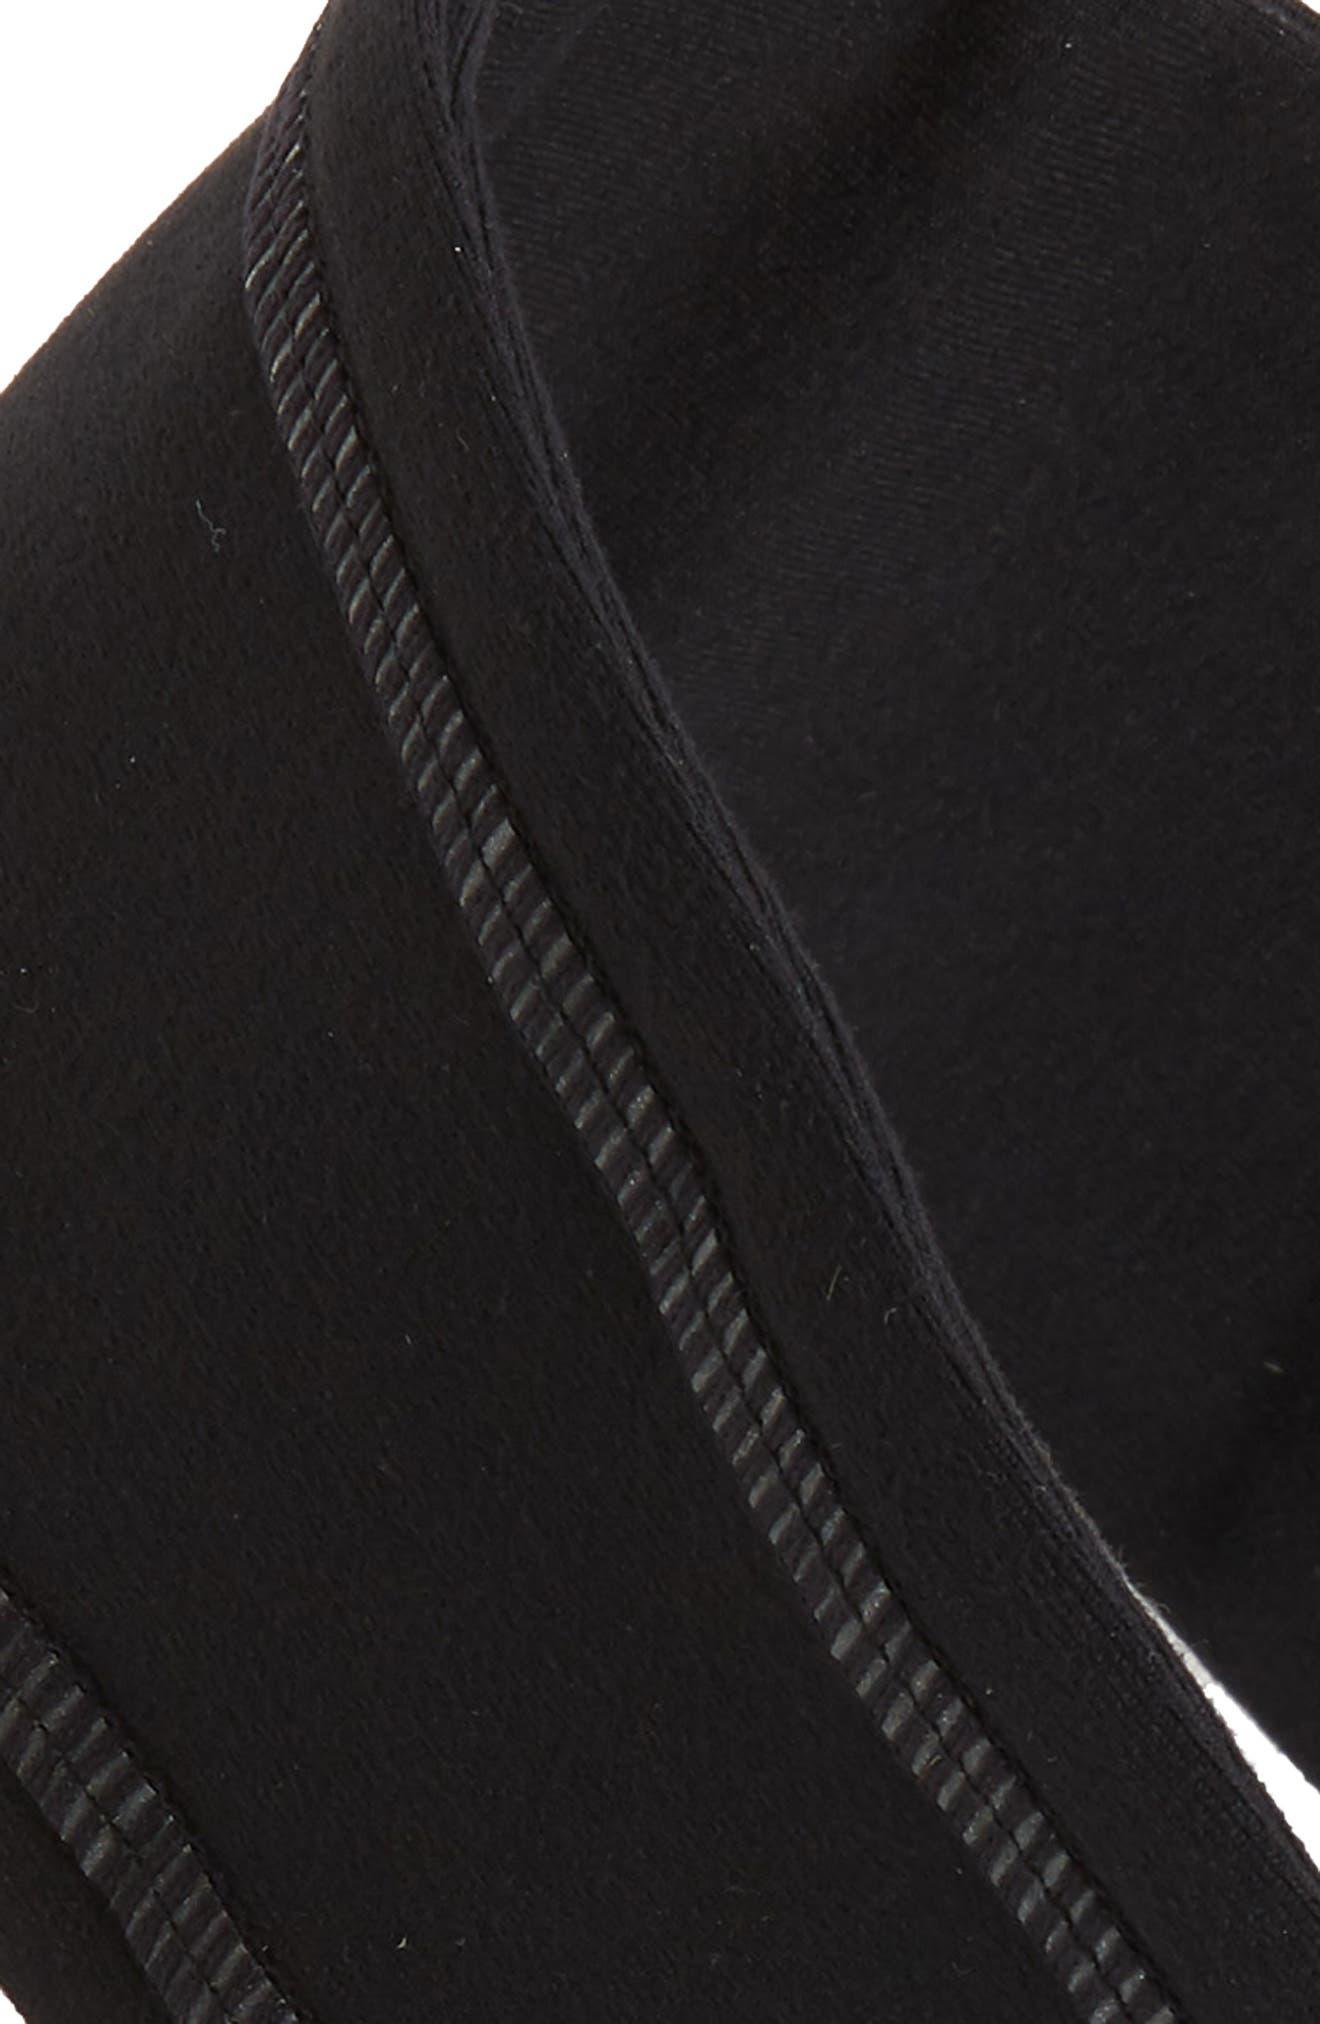 ZELLA,                             'Zeltek' Reflective Headband,                             Alternate thumbnail 3, color,                             BLACK